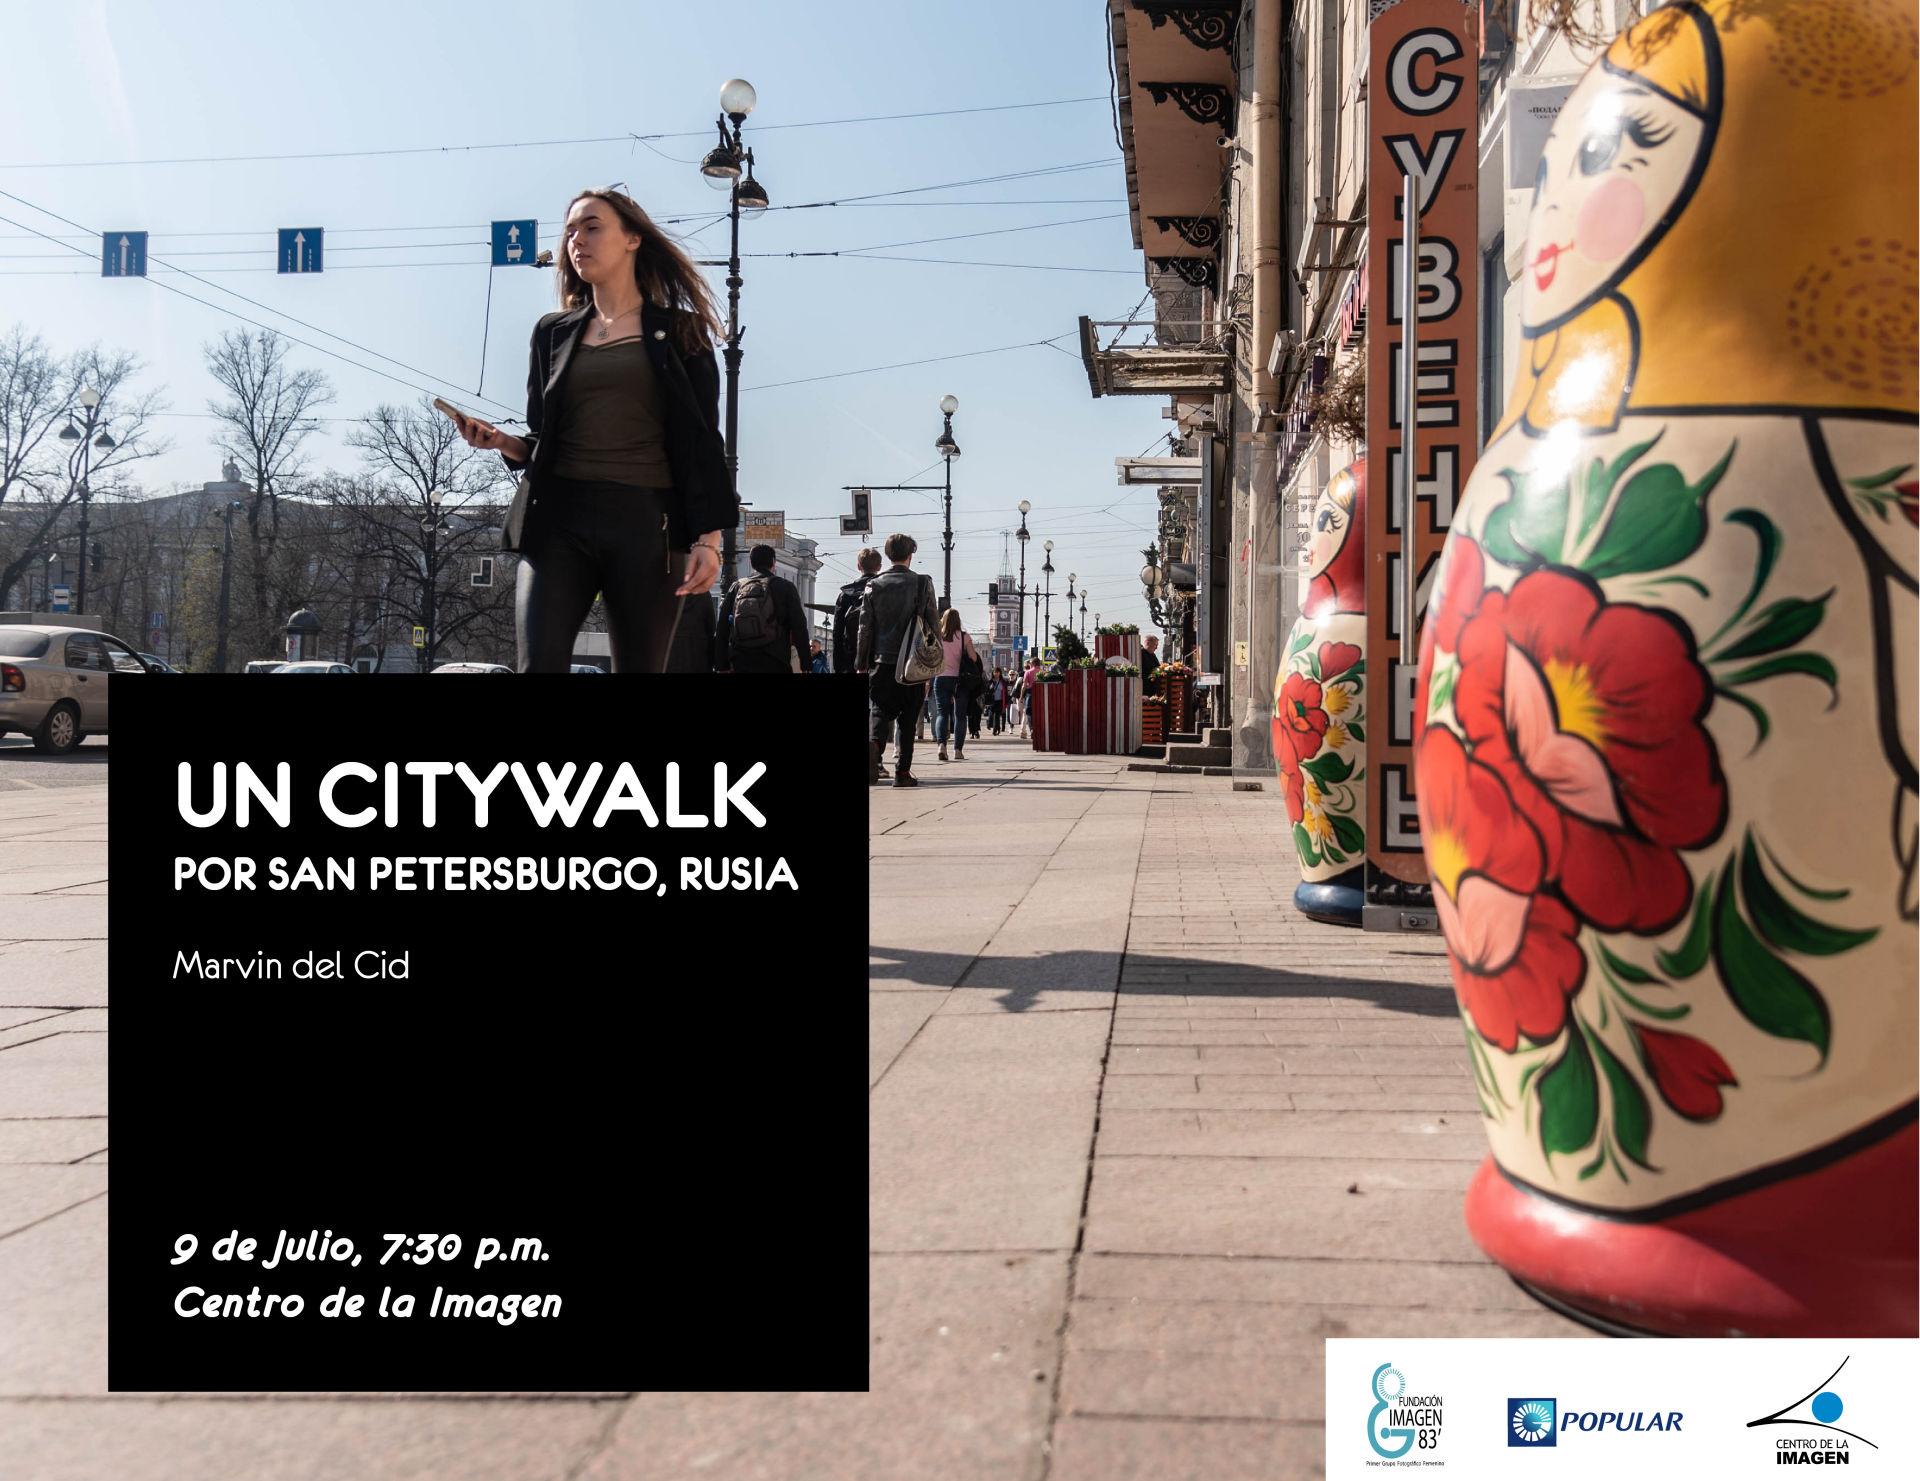 Un Citywalk por Sanpetersburgo, Rusia